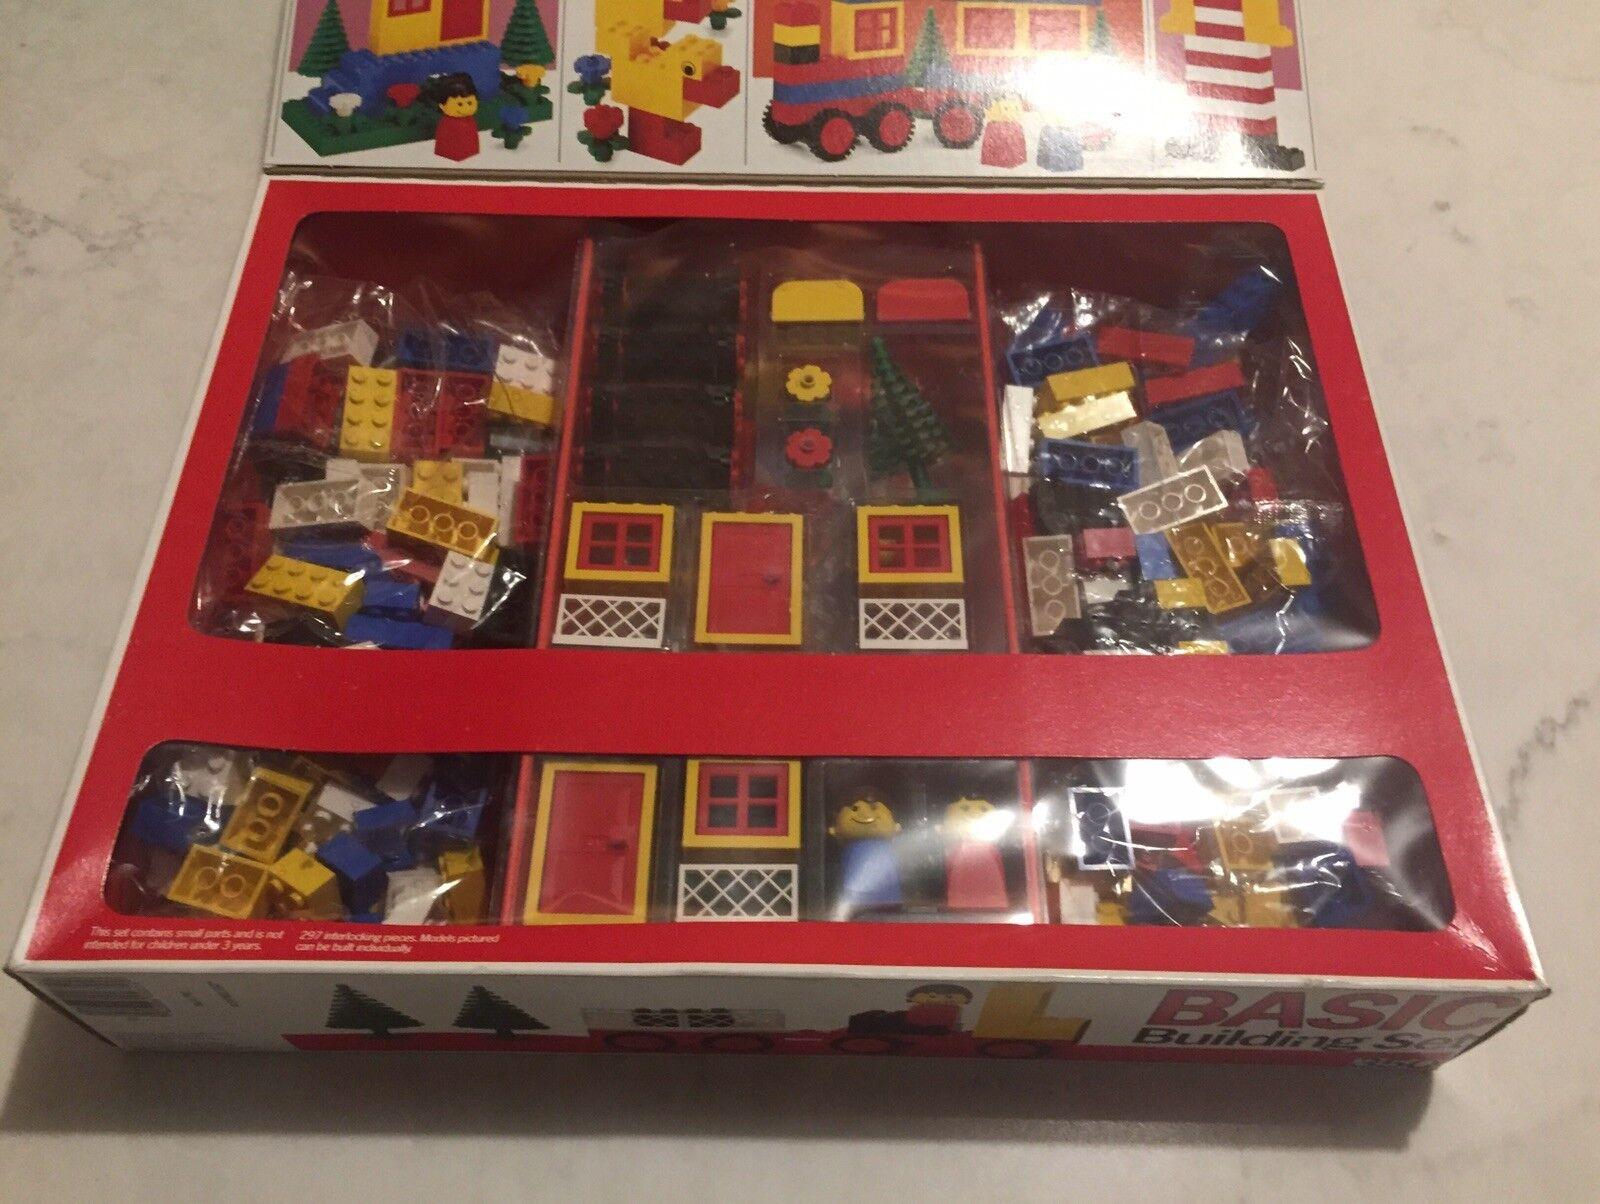 HotRare Lego Basic Building Set 350 NIB NIB NIB see Picture 4, Plastic Bag W small Tear 66448e